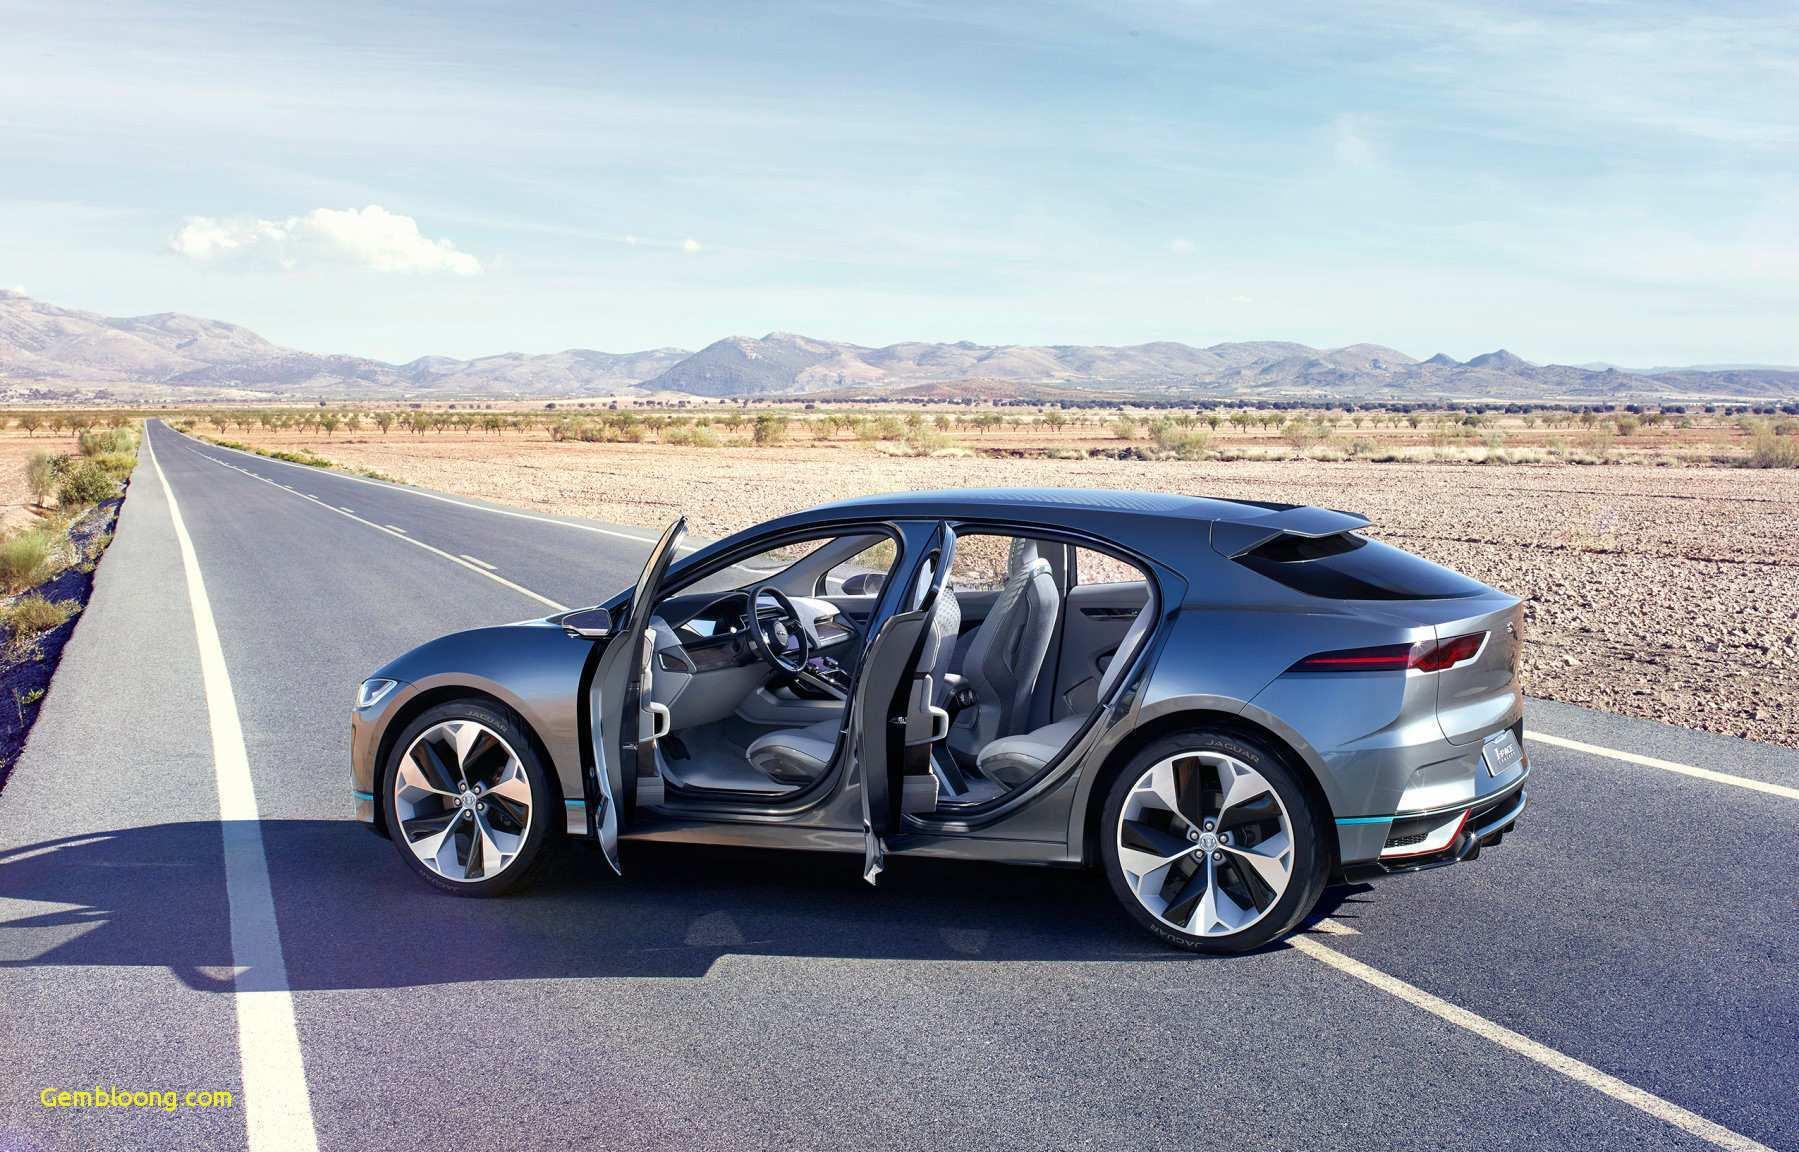 64 Best Review 2020 Jaguar F Pace Svr Exterior Spesification by 2020 Jaguar F Pace Svr Exterior